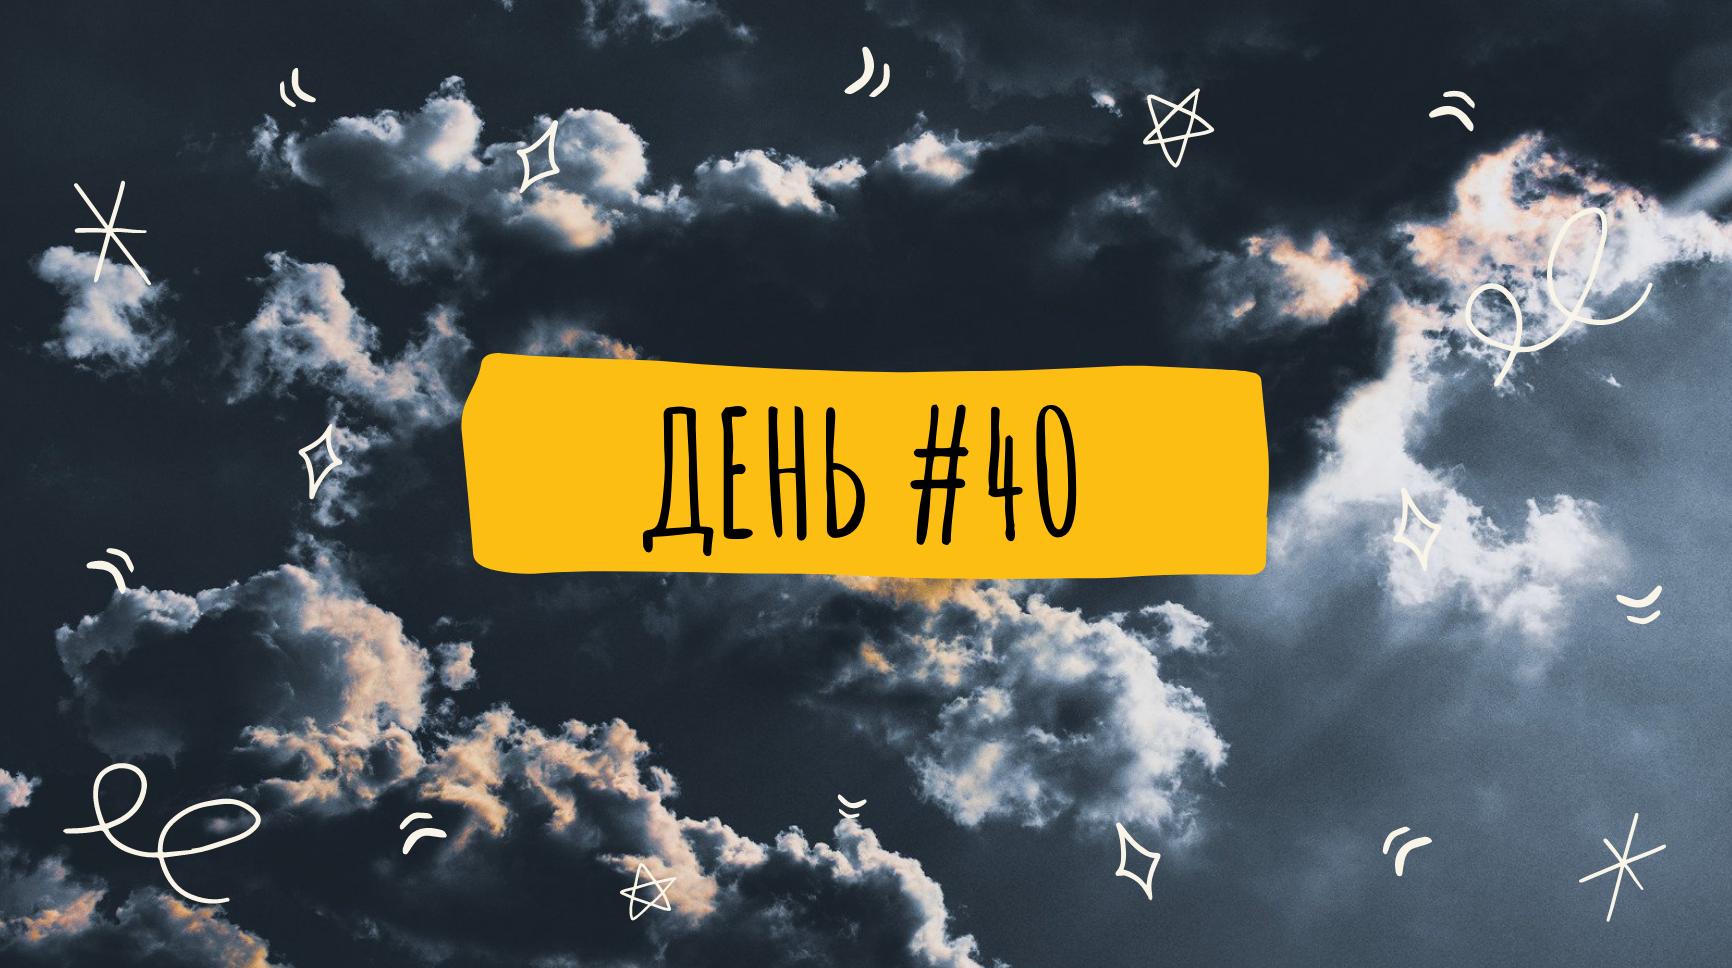 День #40